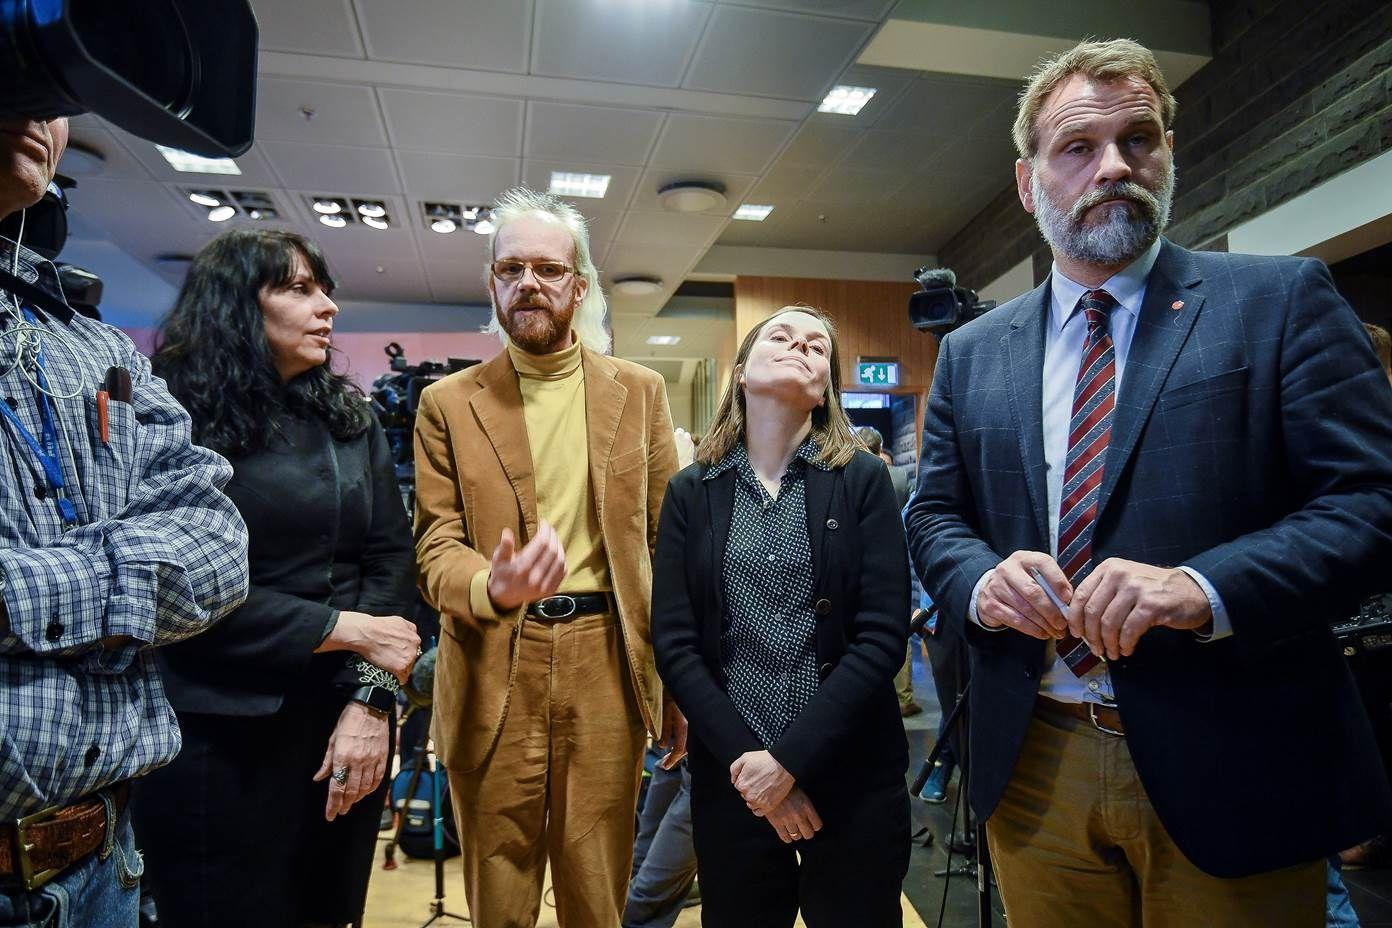 MISFORNØYDE: Birgitta Jónsdóttir som er leder for Piratpartiet (til venstre) mener at politikerne nå må jobbe for å få tillit av folket. Ottarr Proppe leder for partiet Lys Fremtid. Katrin Jakobsdottir, leder for Det Grønne Venstrepartiet. Arni Pall Arnason (til høyre) leder for Sosialdemokratene.